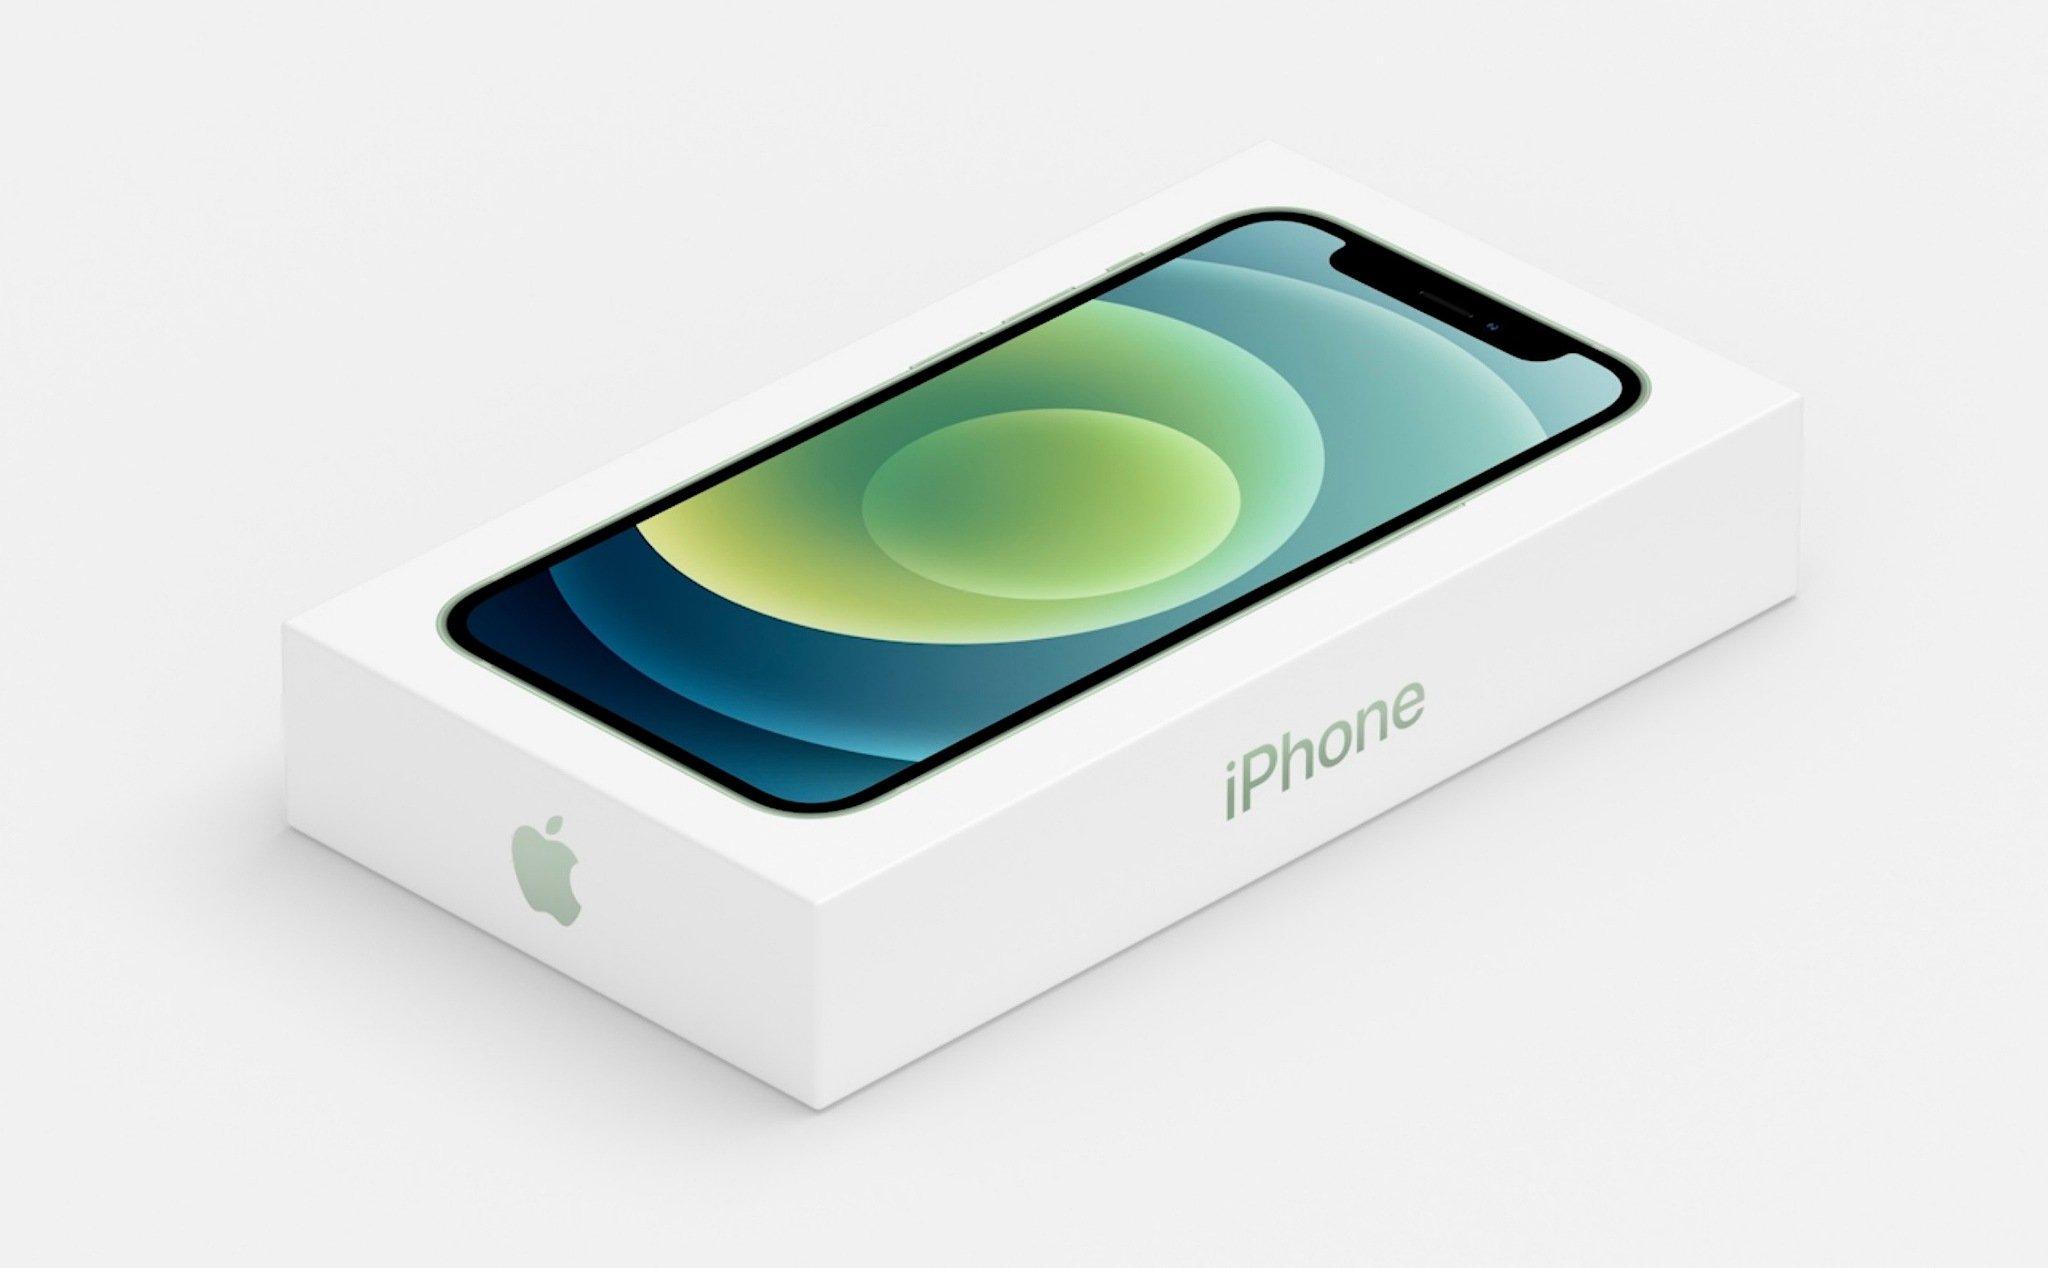 iPhone 12 là phiên bản tệ nhất của Apple? - 5185107 cover